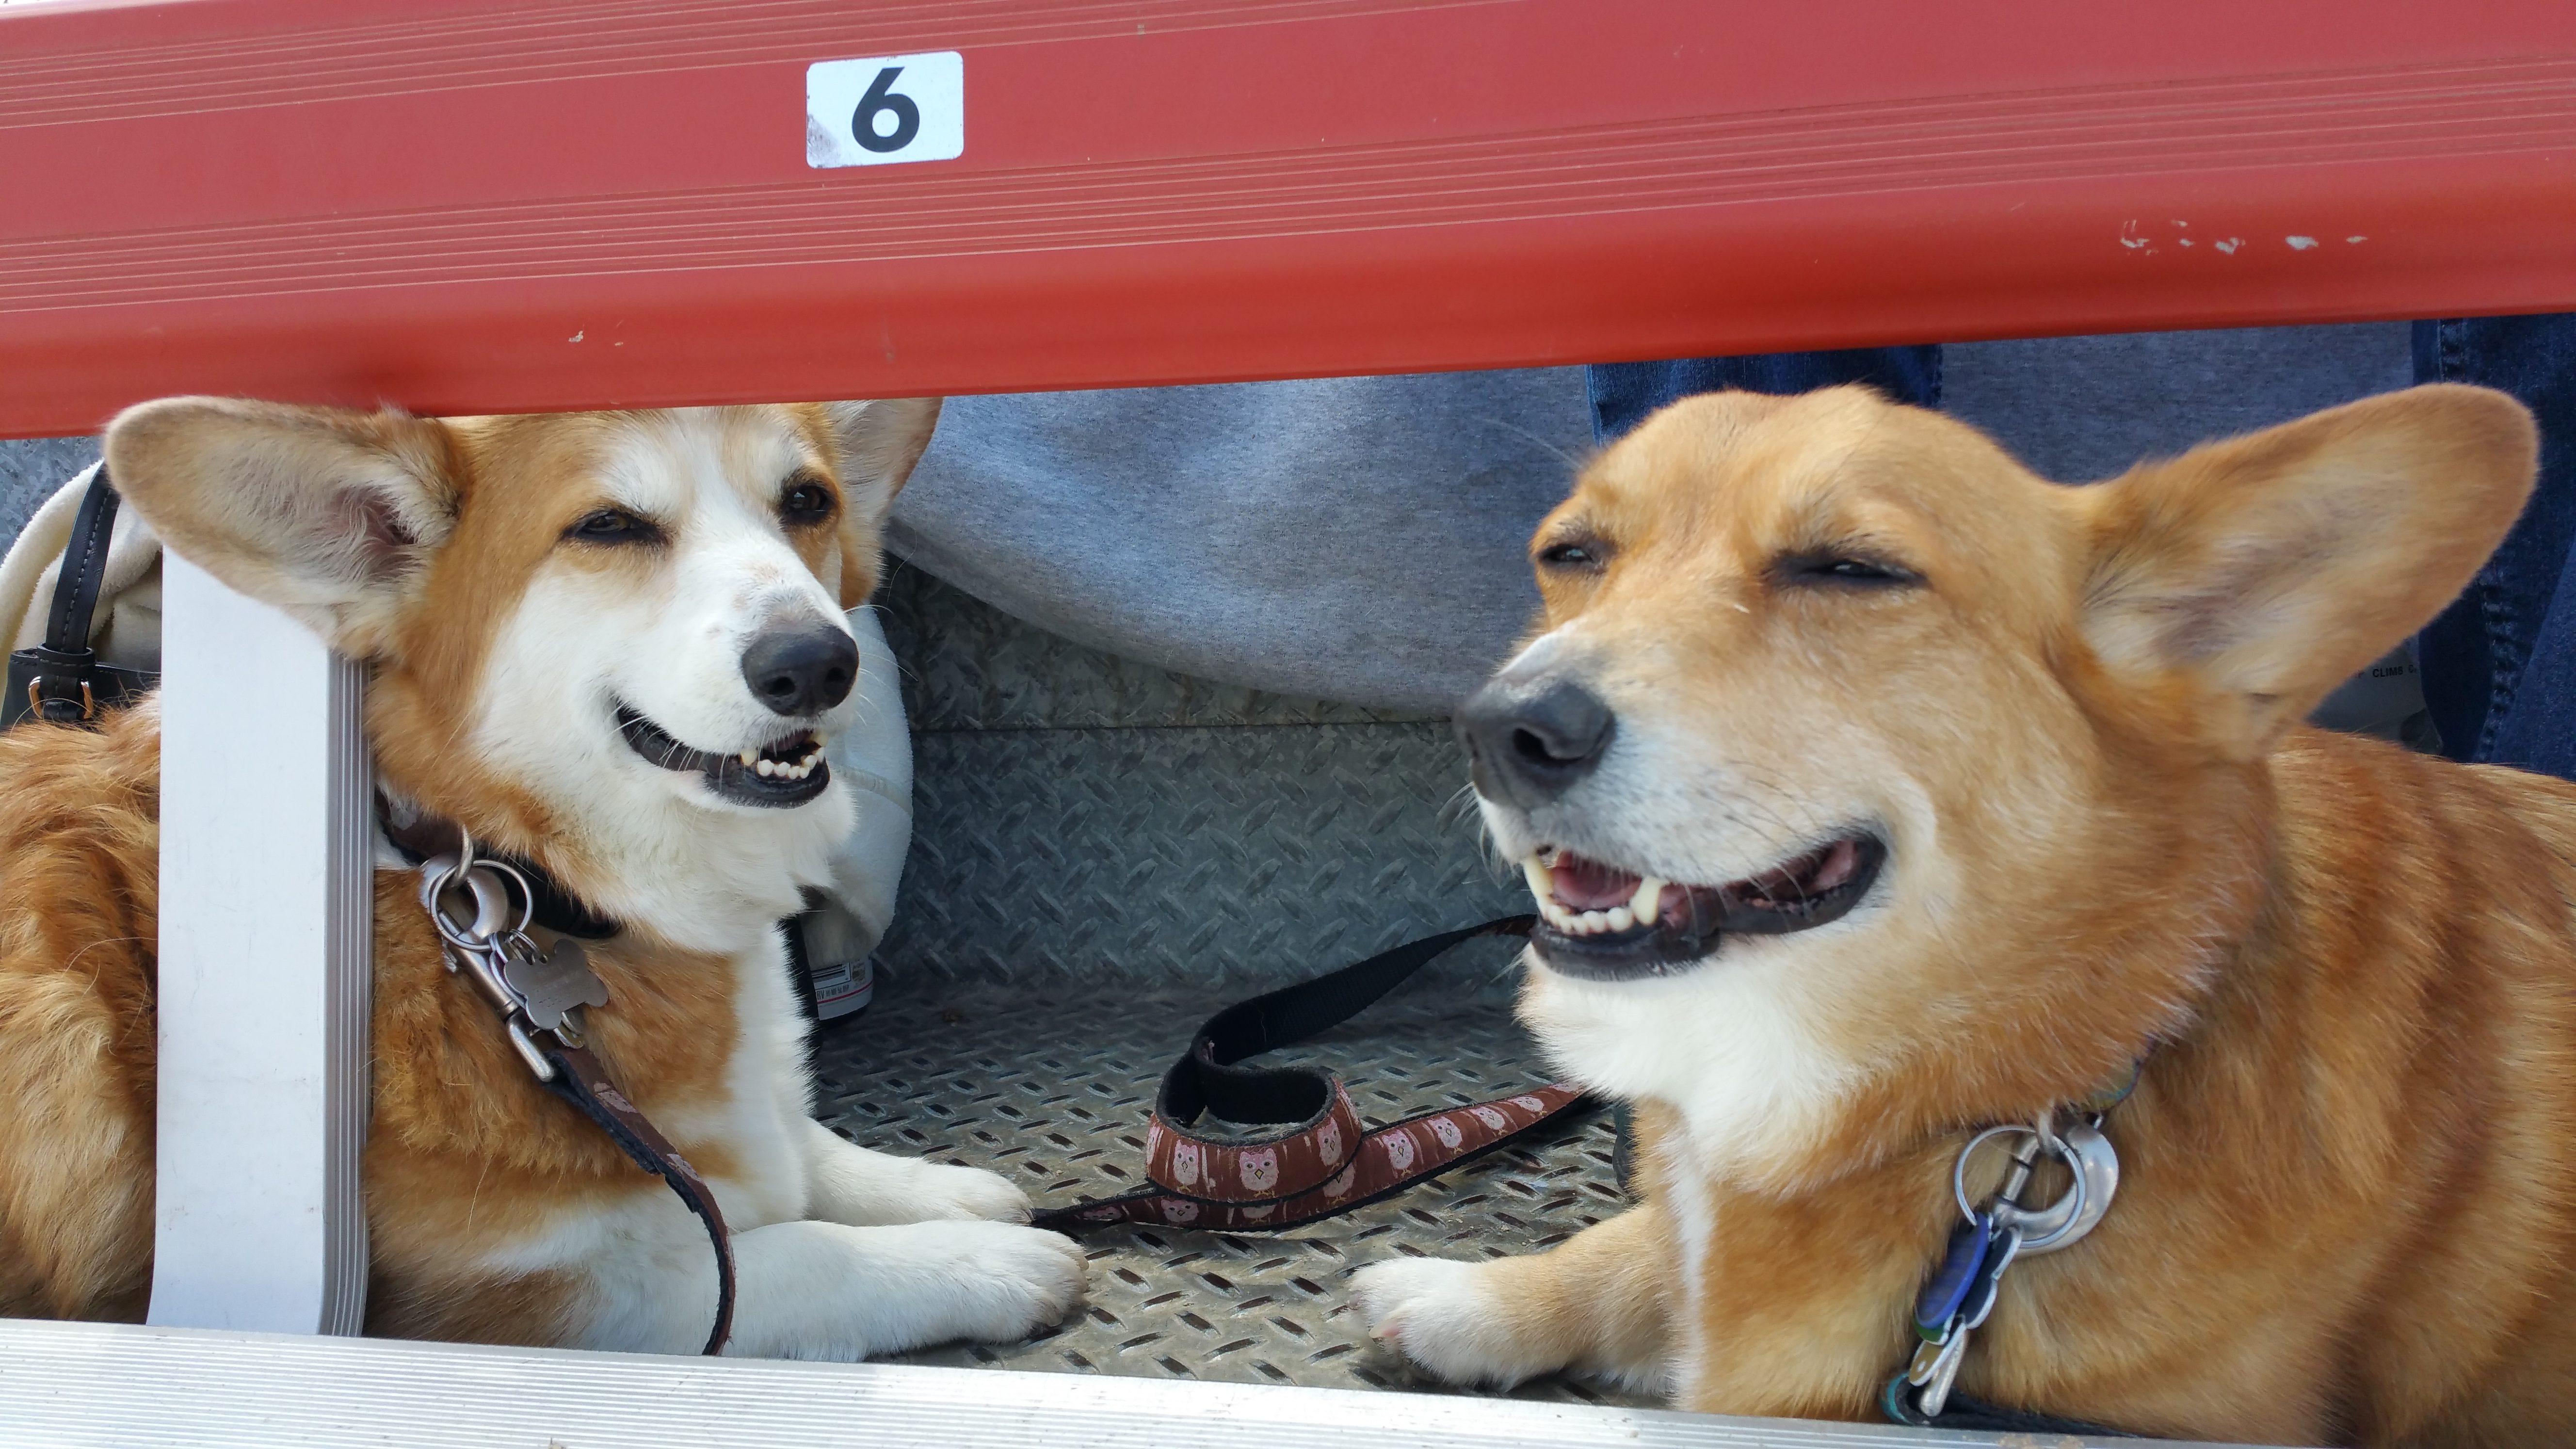 Poppy and Daisy at the ballgame.